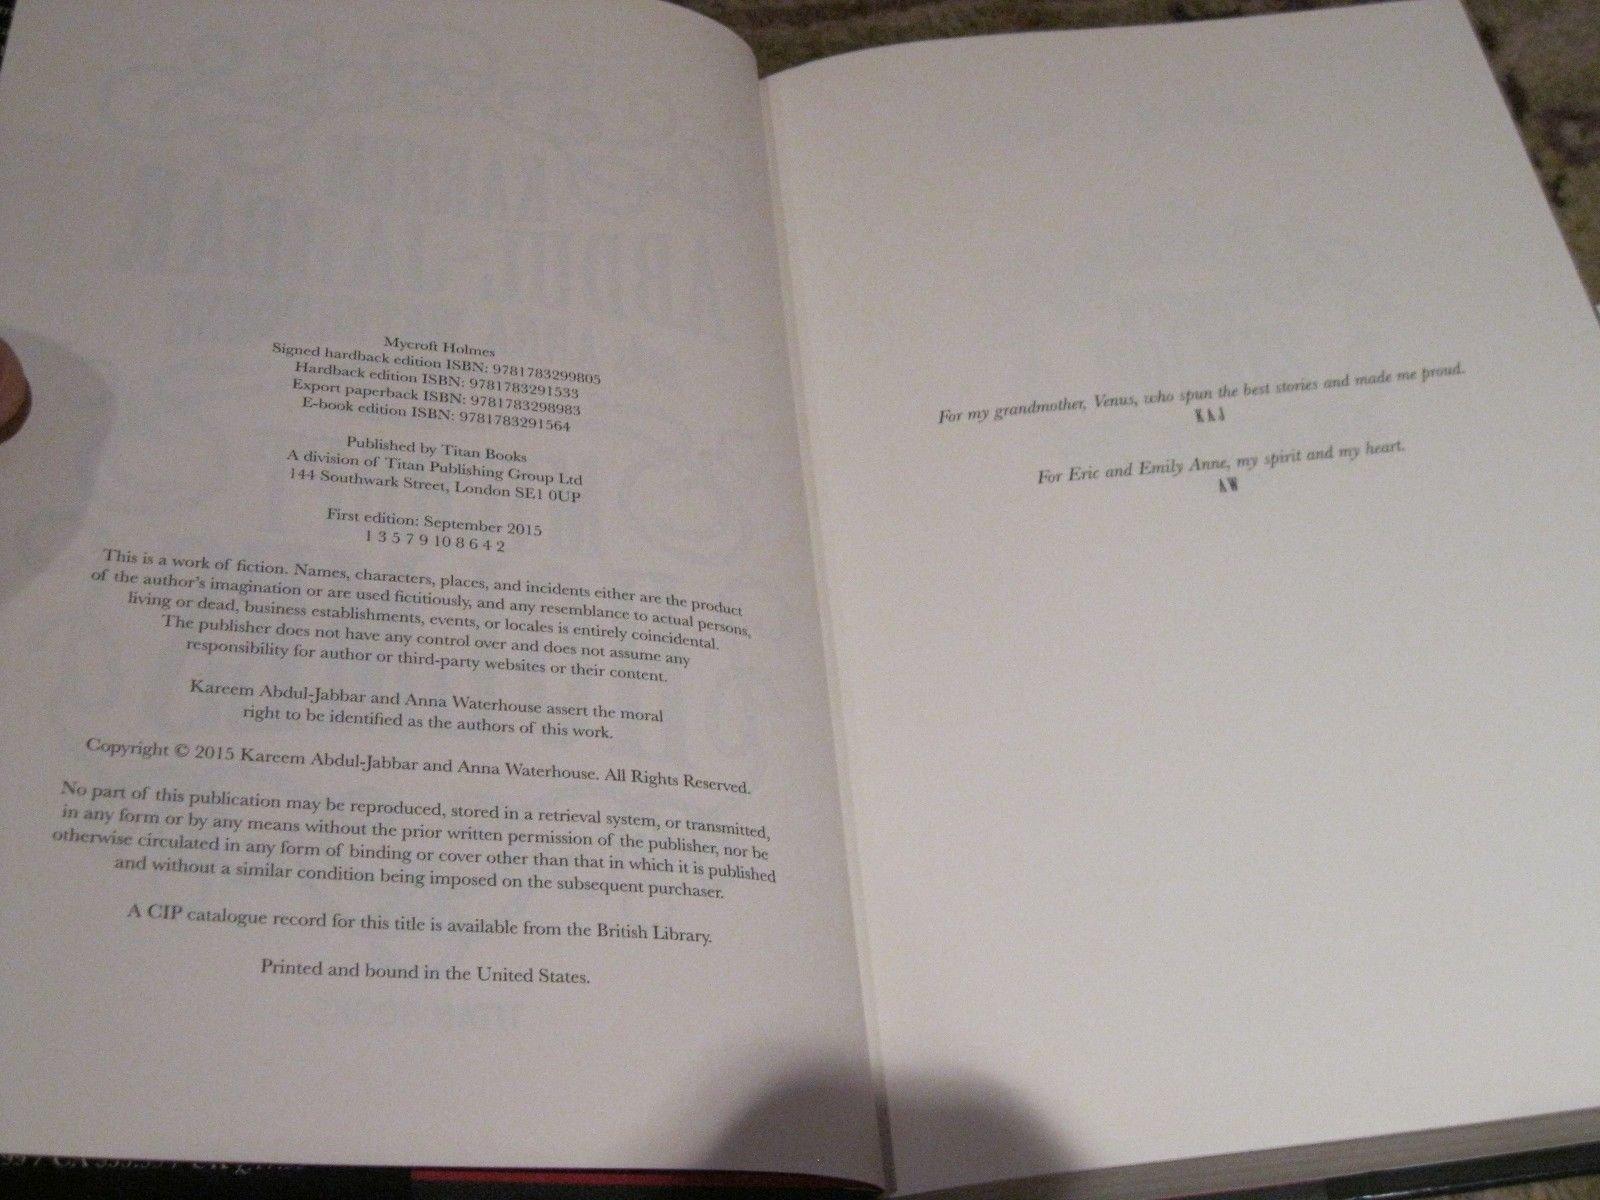 Kareem Abdul Jabbar Signed Autograph Mycroft Holmes Book JSA Certified Cert